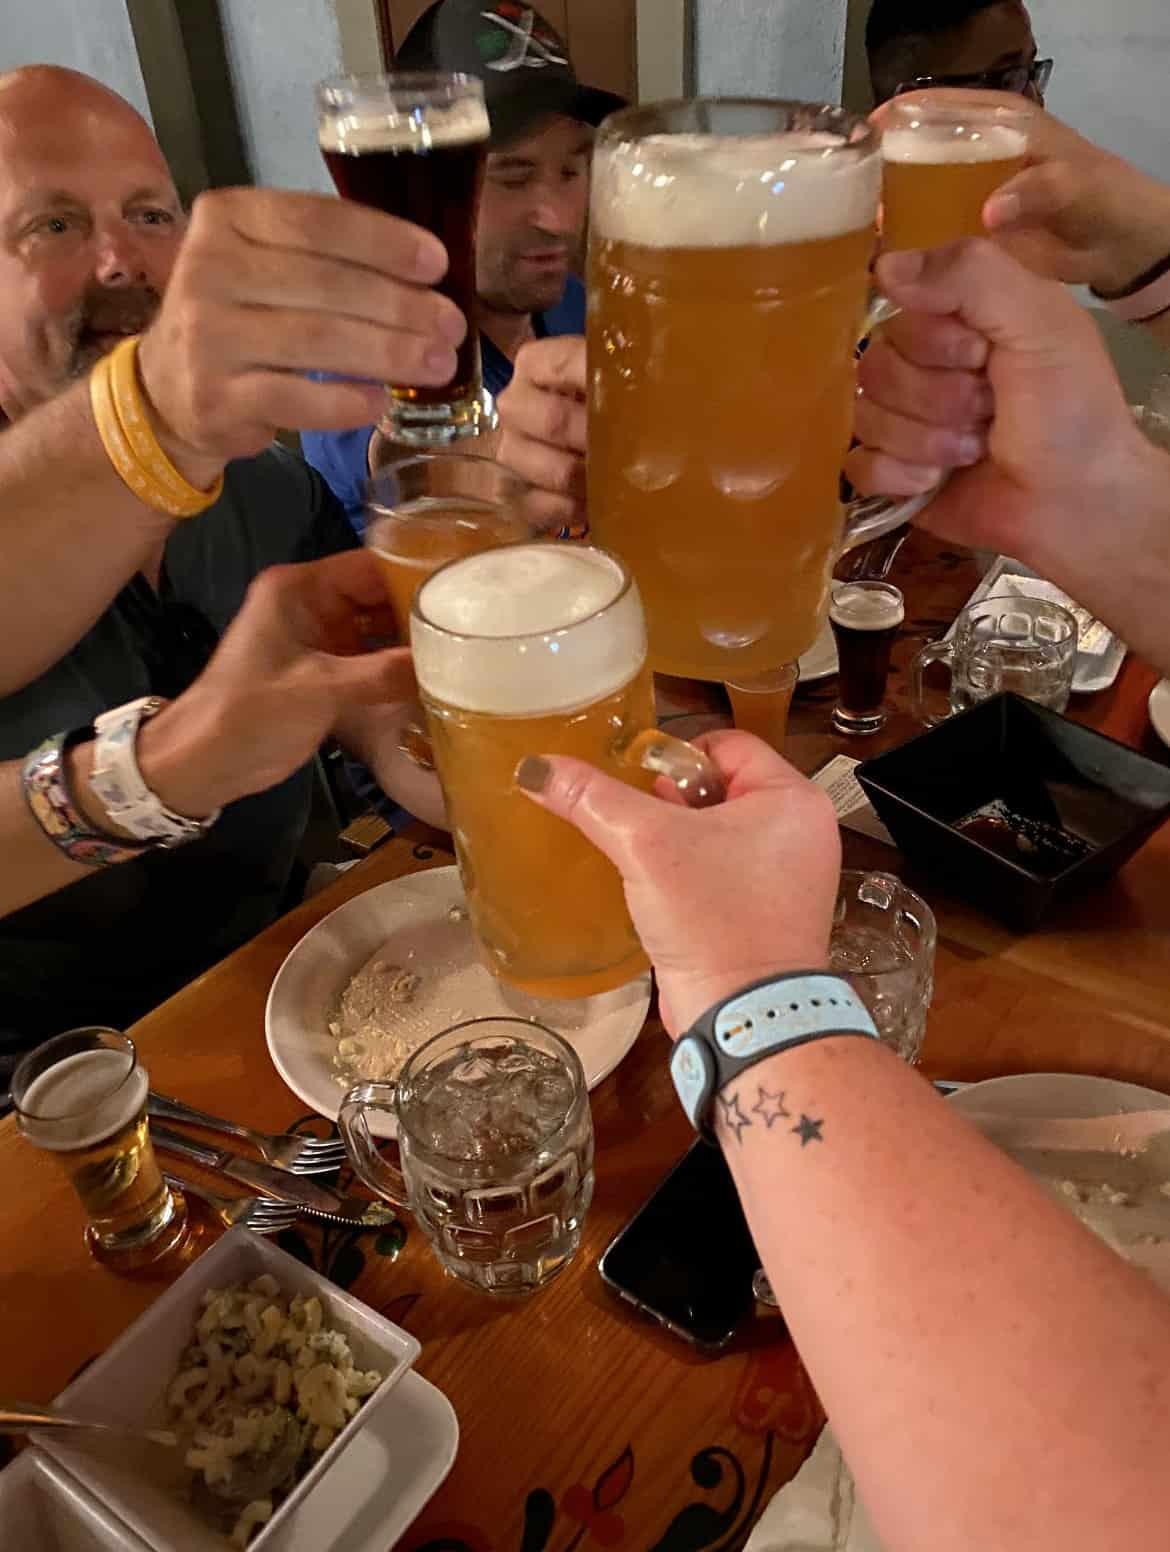 Beer-at-Biergarten-Germany